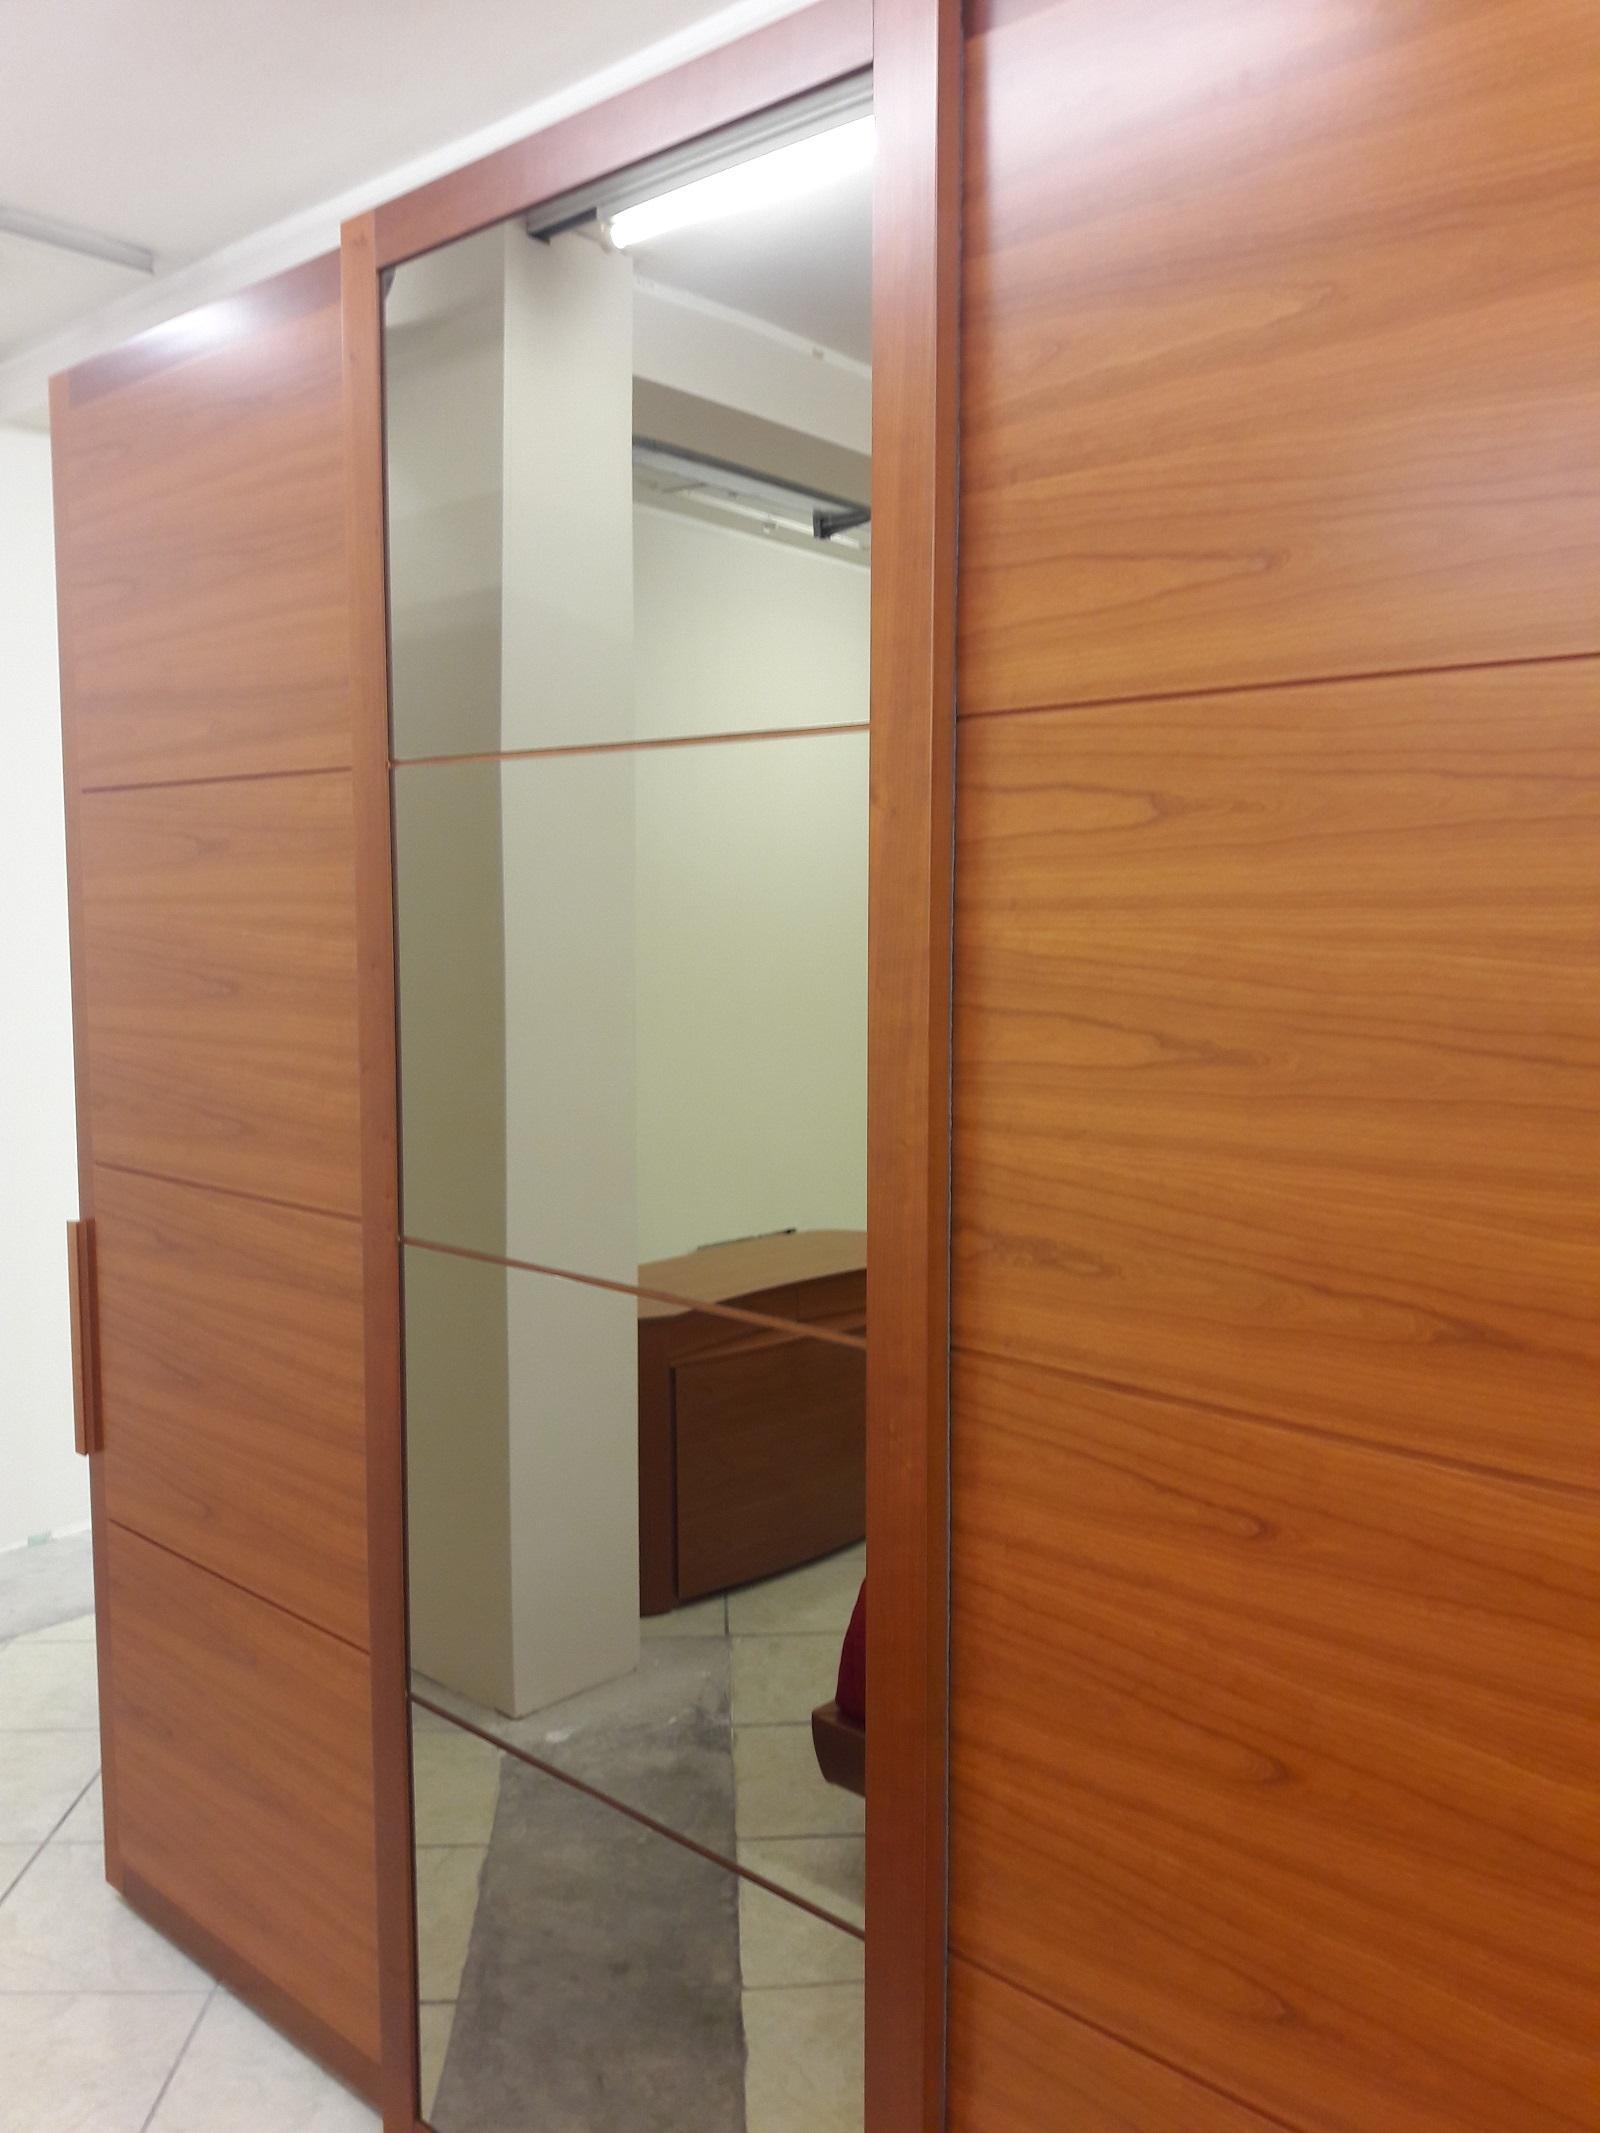 Camera moderna in legno ciliegio completa armadio ...